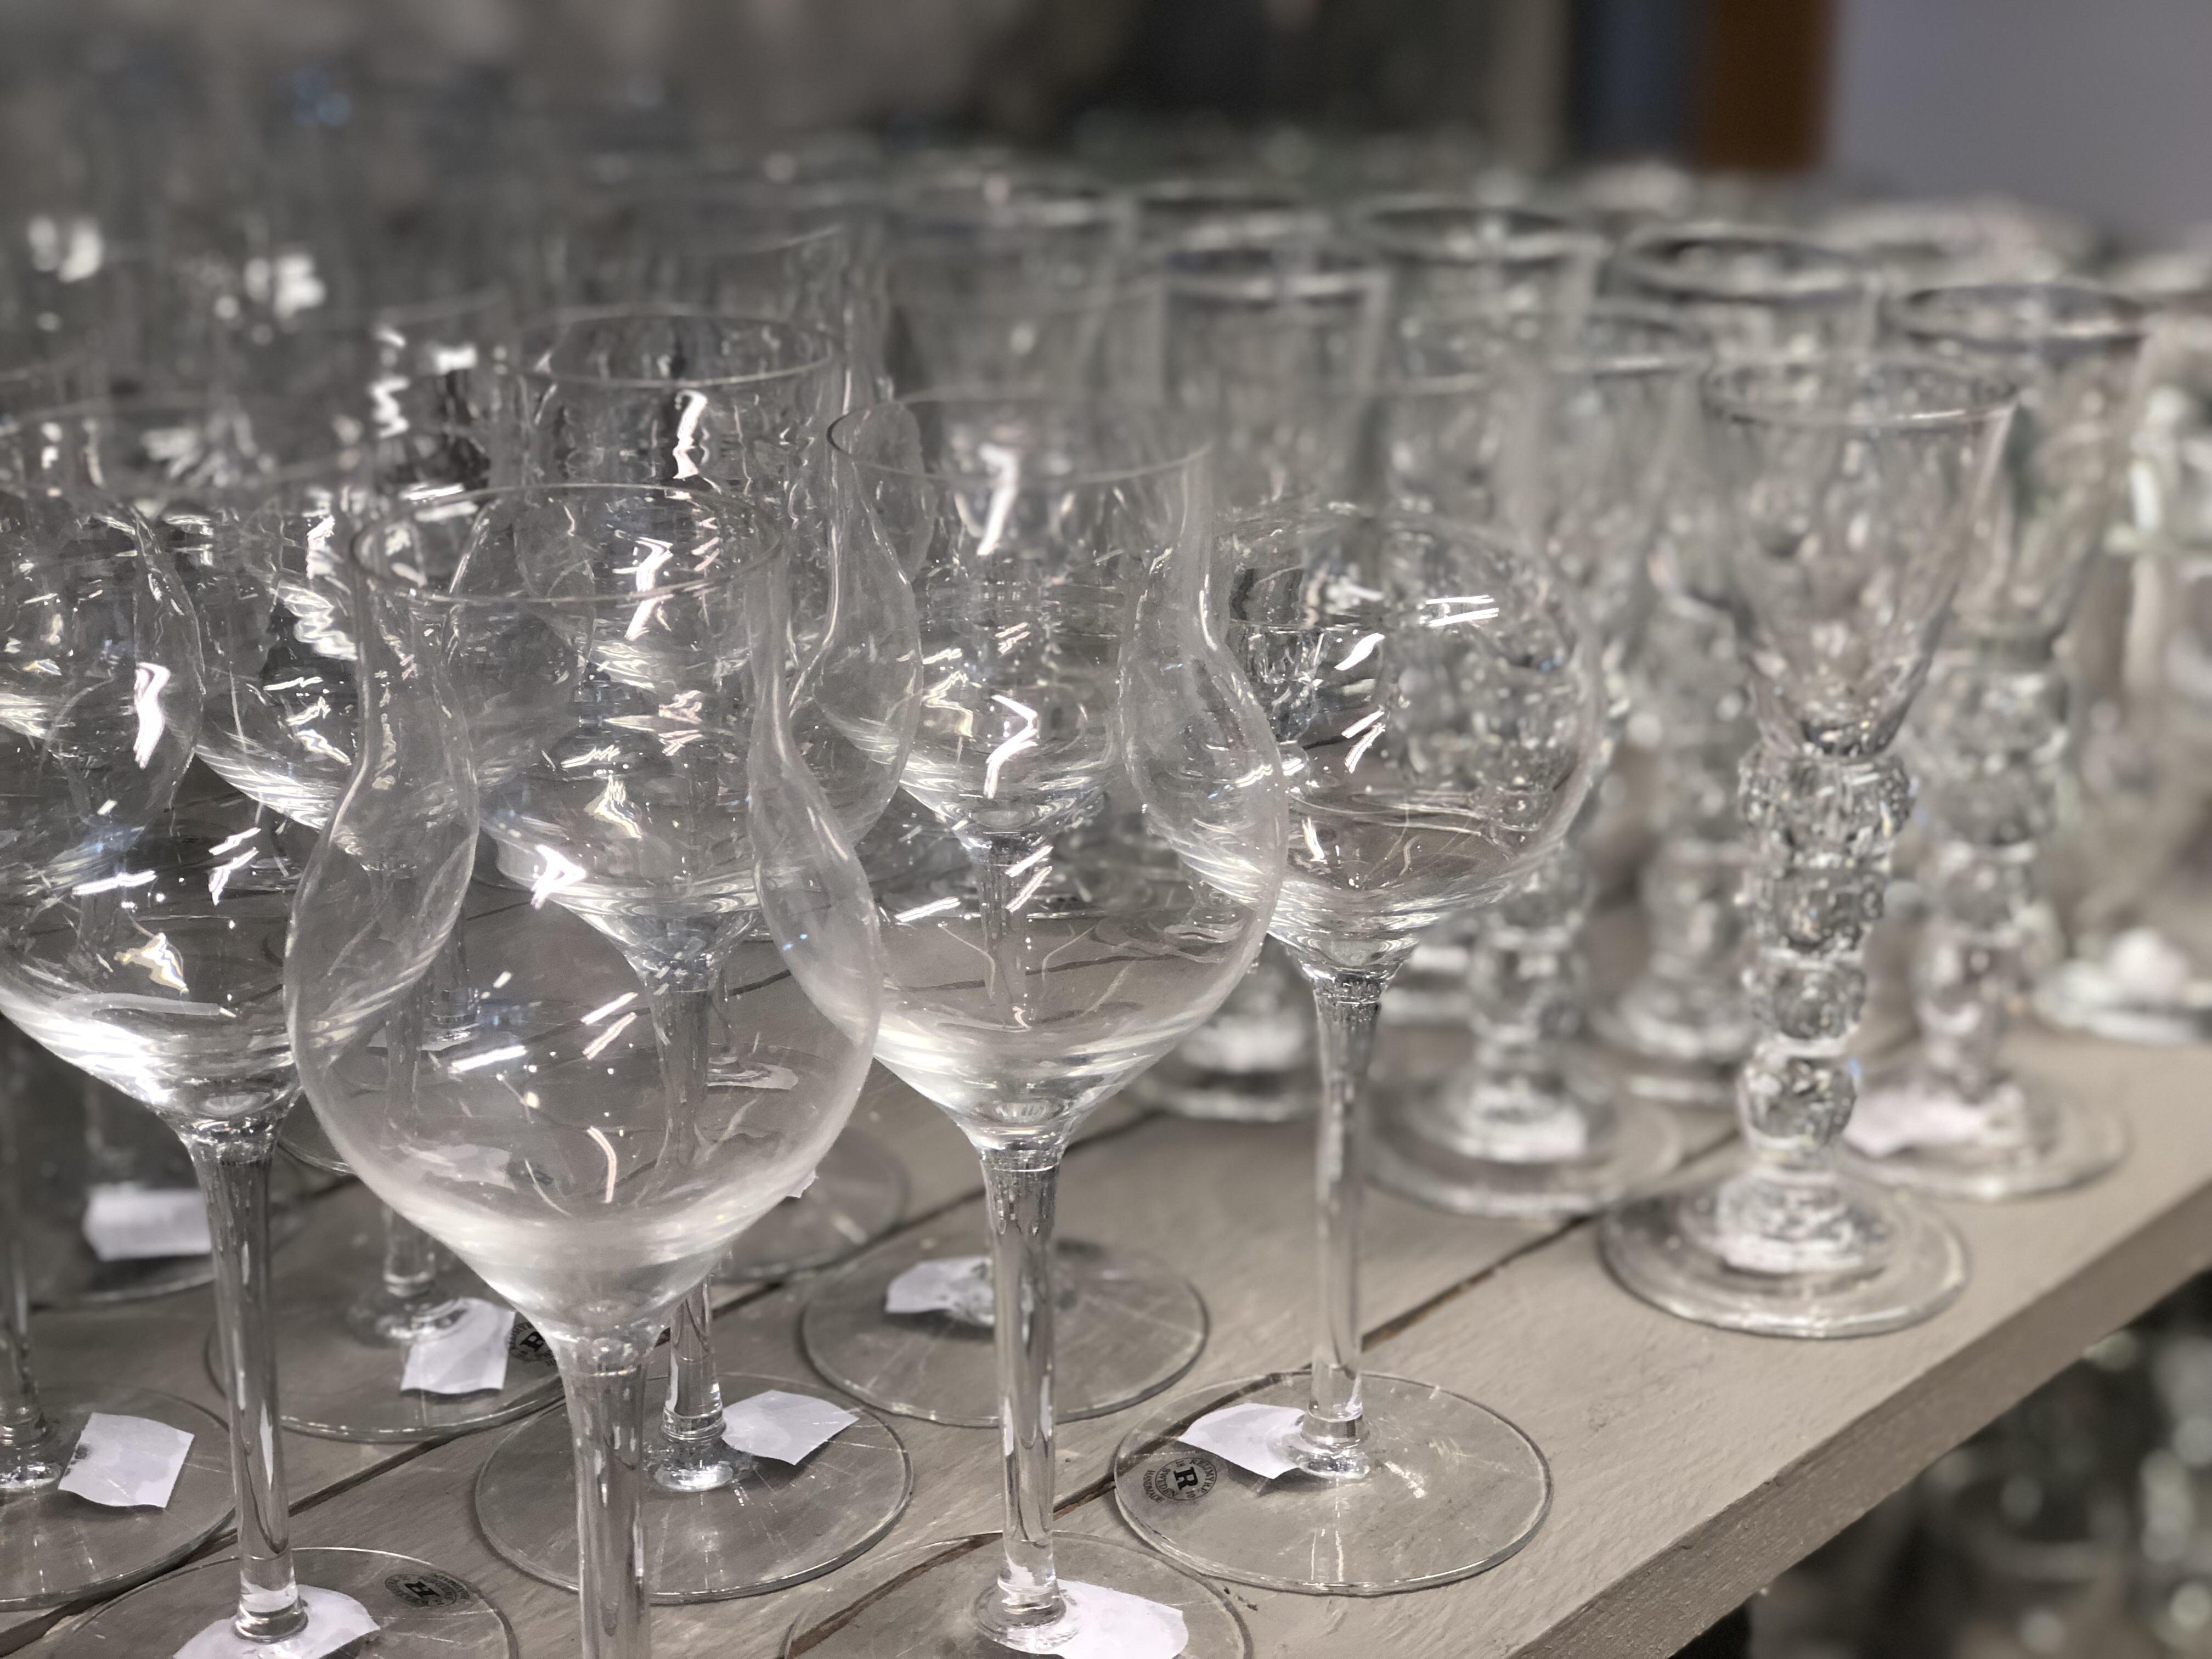 Fina glas på middagsbordet gör dukningen vacker och vinet godare